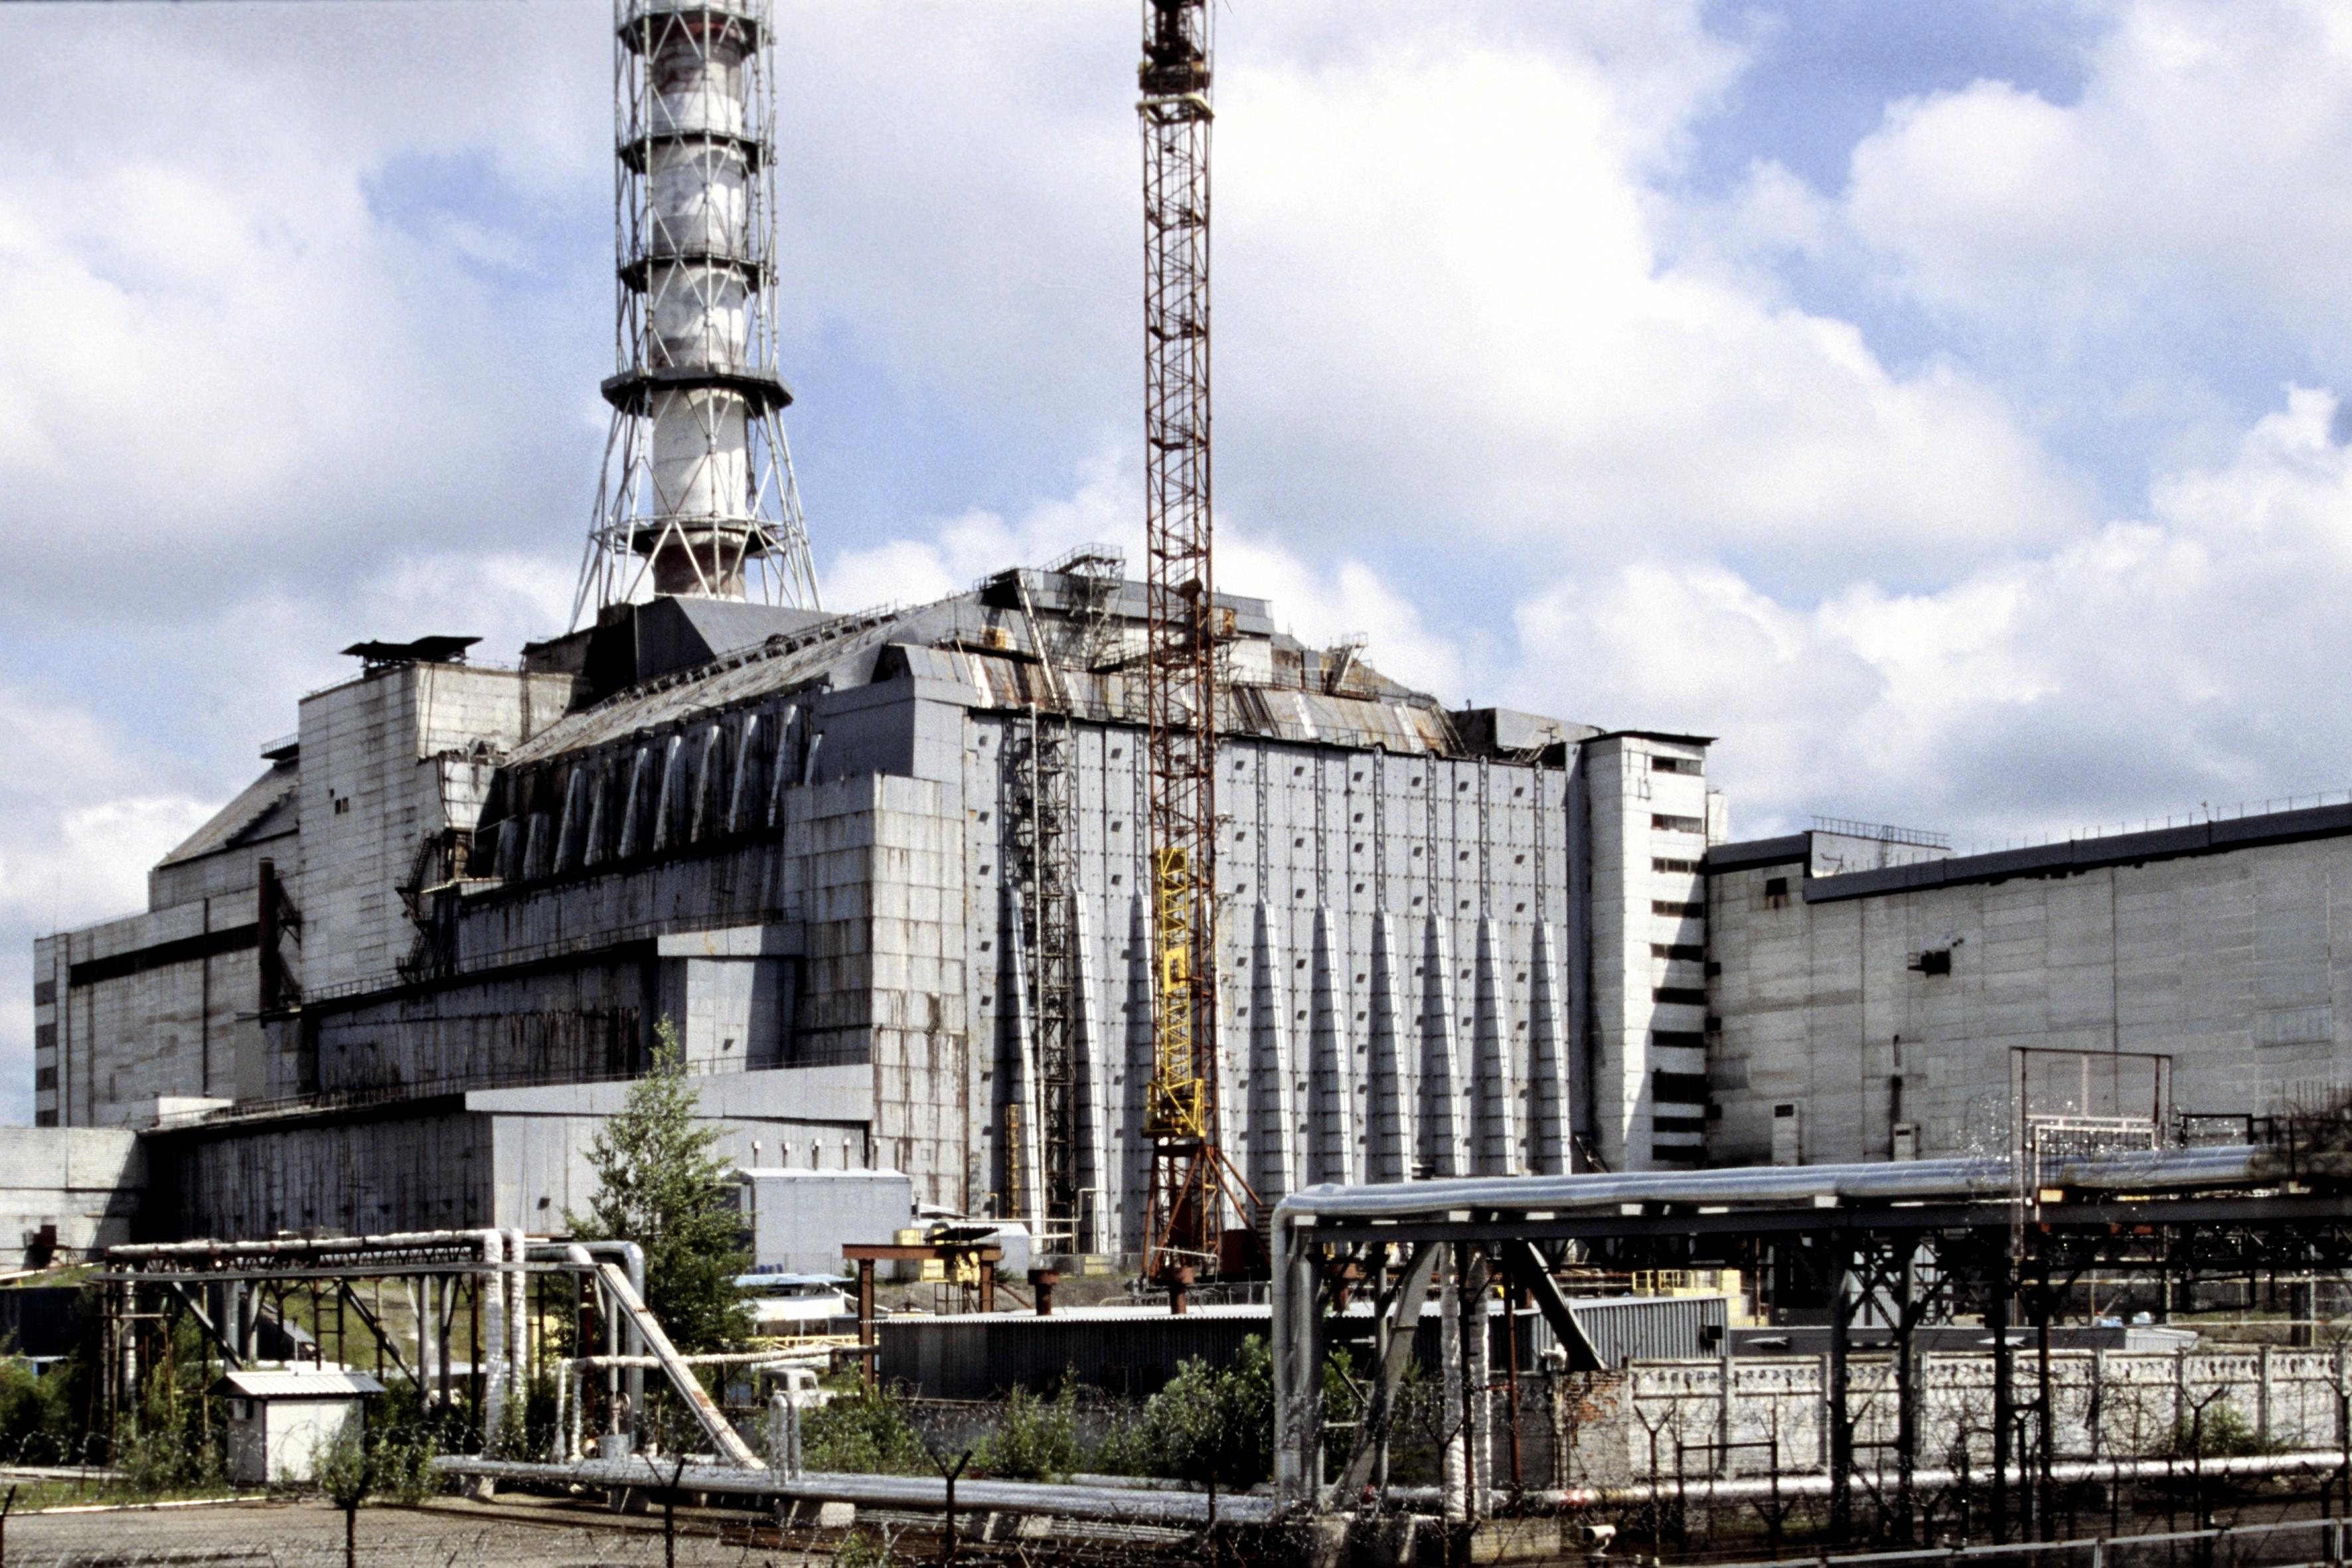 фото про чернобыль чертой многих гадюк